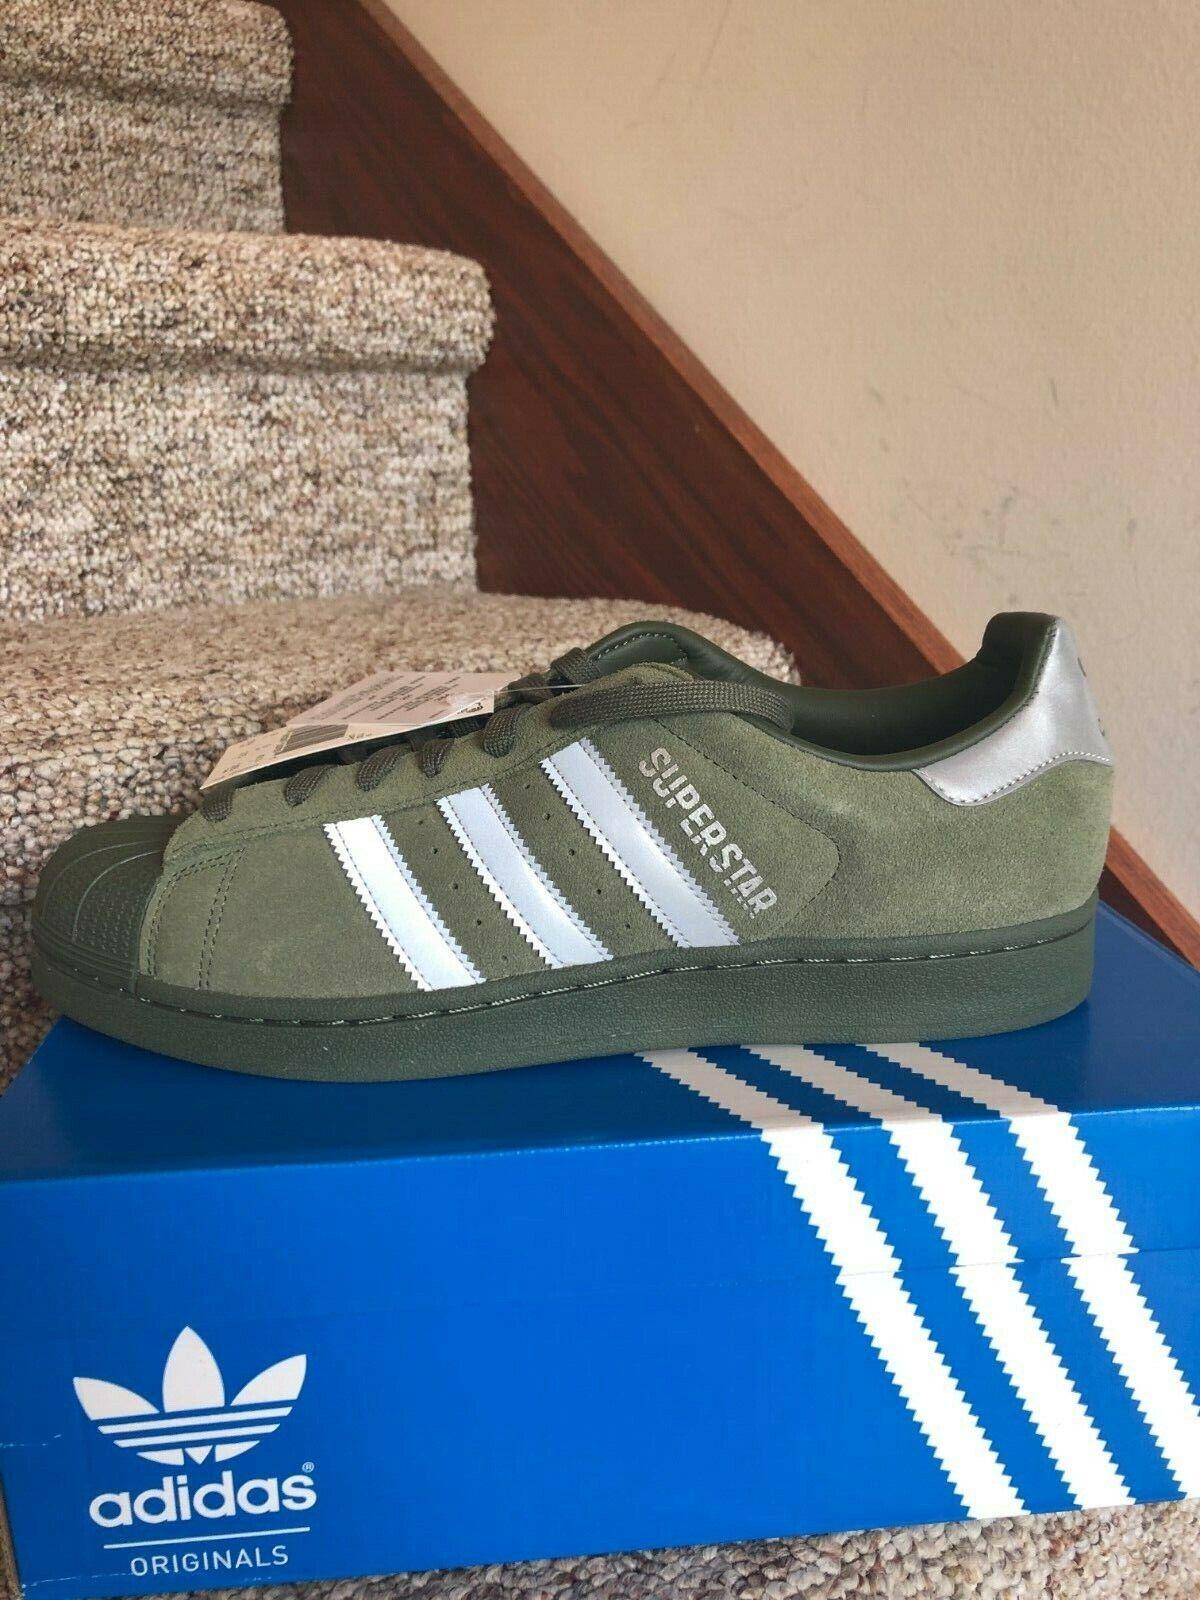 Adidas Superstar Mens verde scarpe  Dimensione 9.5 Casual scarpe da ginnastica Nuovo  prodotti creativi